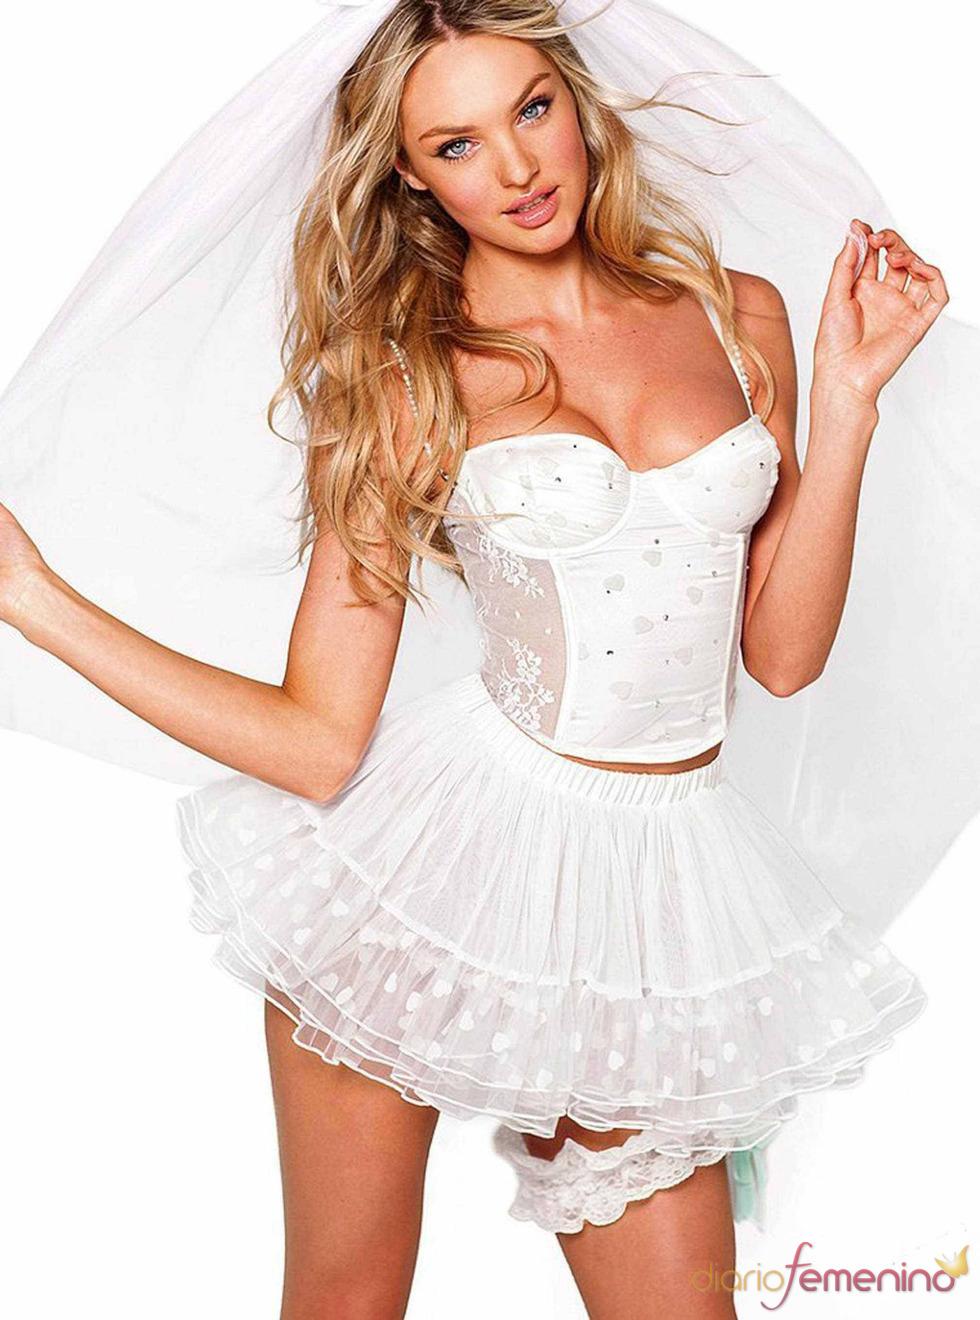 Disfraz de novia sexy, novia ertico barato - Lenceria